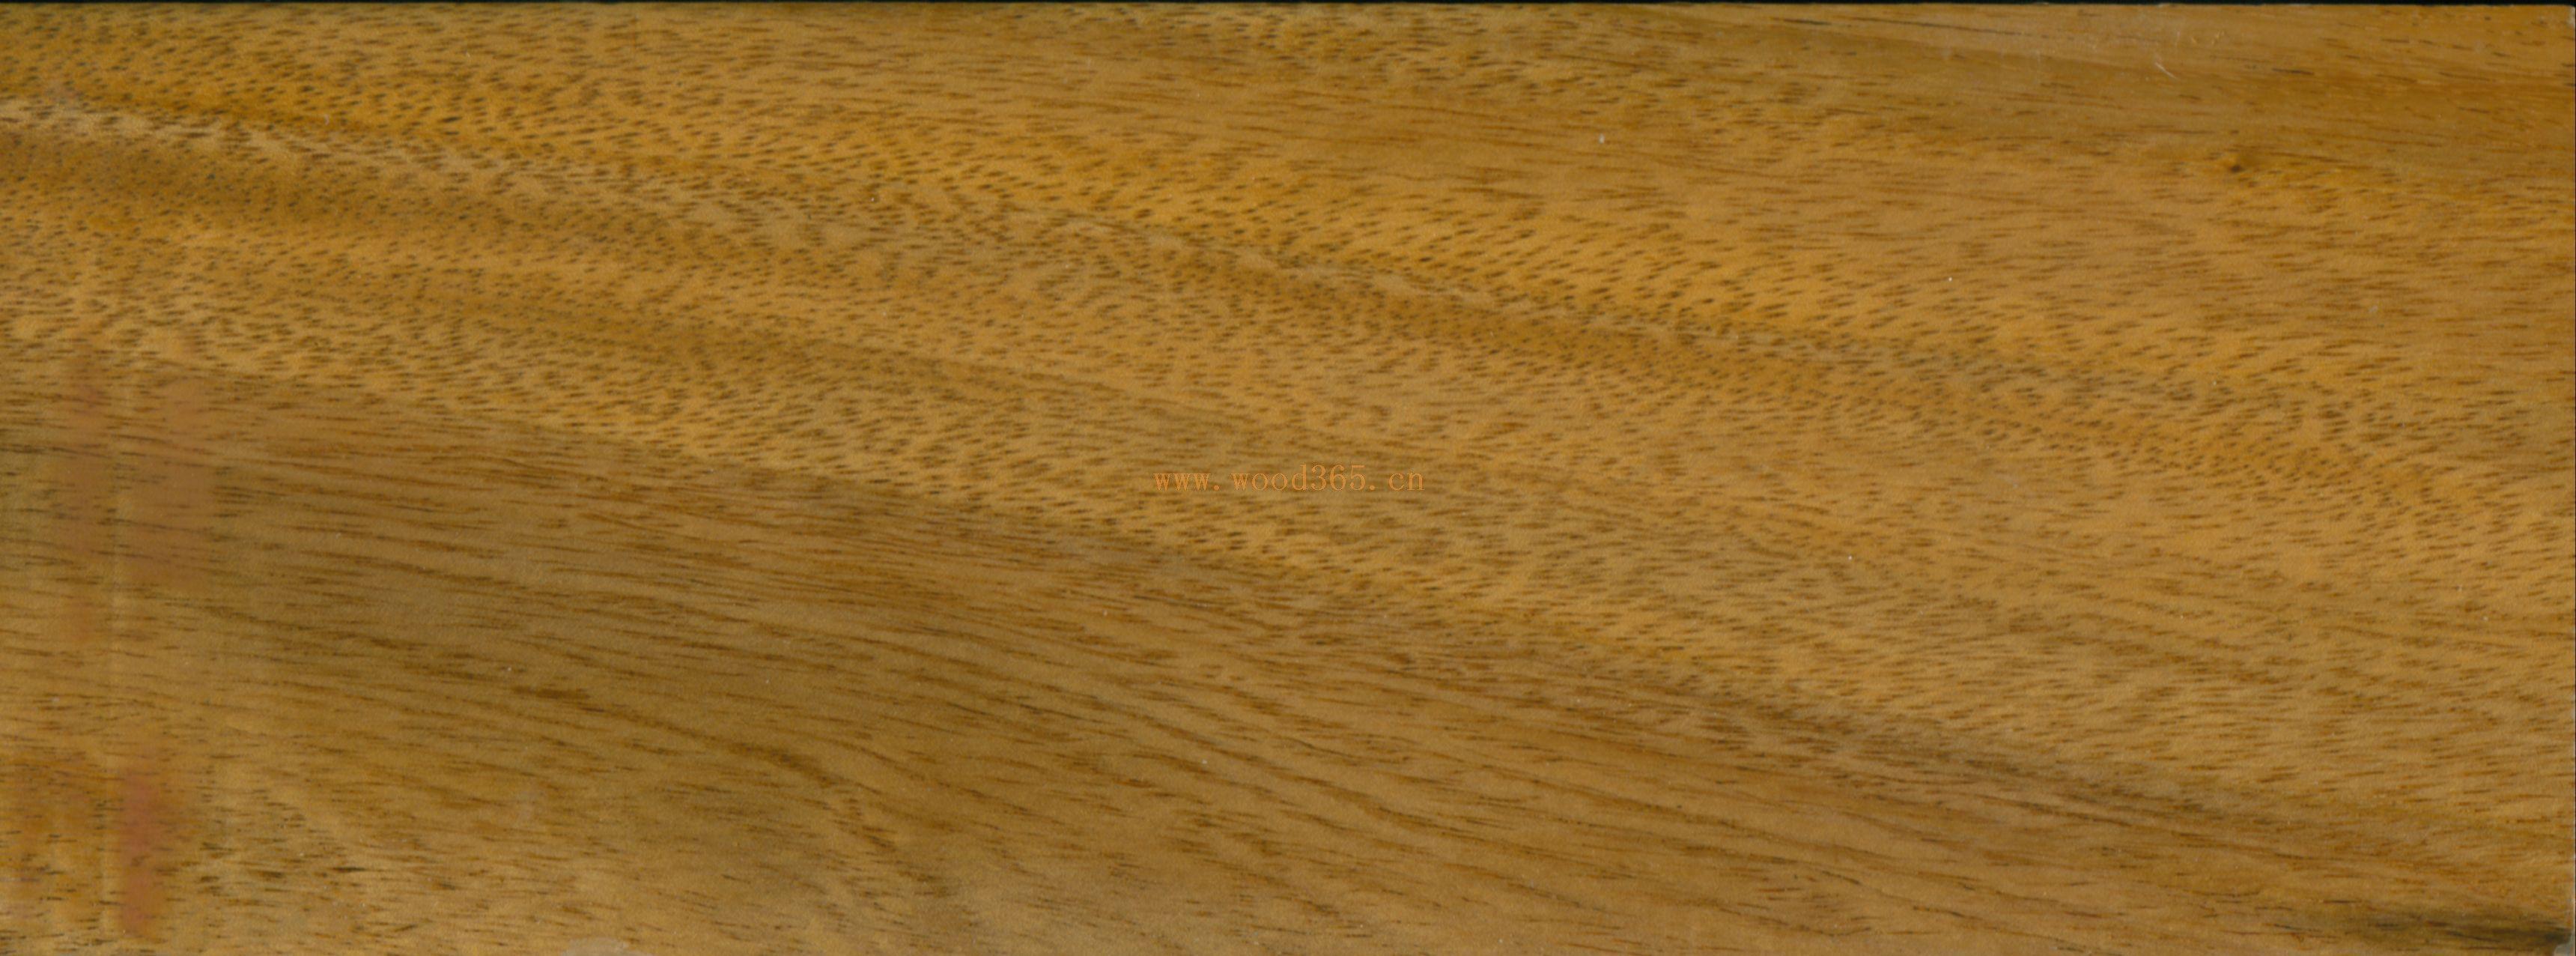 木材种类:雨树 其他名称:南美黑胡桃 英文名称: Saman, Monkey Pod 植物学名称:Pithecellobium Saman ( Samanes Saman) 产地: 南美 规格:粗木枋(湿材) 等级:锯材级,矩形油锯工整切割,不含髓心,略带极少量边材,无缺陷。 尺寸: 厚度: 50mm+,进尺单位为25mm; 宽度:150/300/450mm; 长度:2/1m。 包装:散装在20呎集装箱内, 木枋两端封漆。 价格:CFR CHINA MAIN PORT USD320.